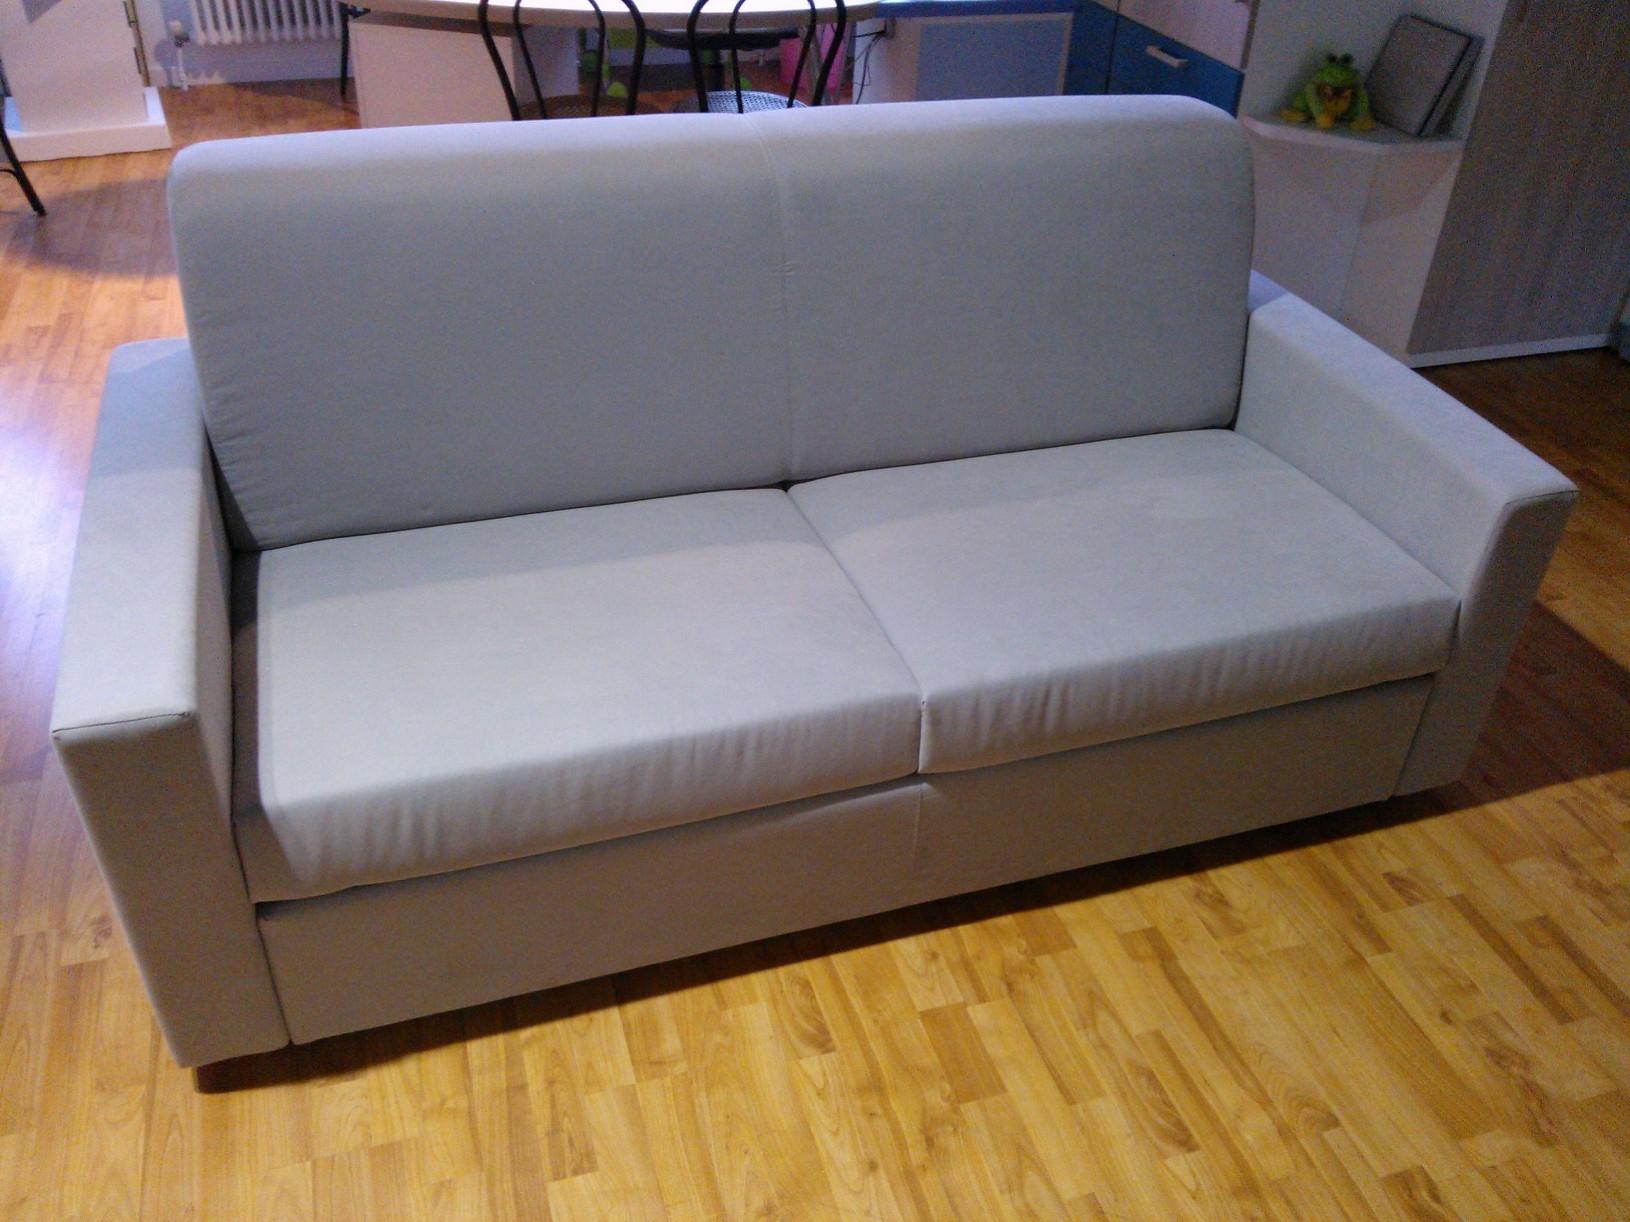 Divano letto offerta casablanca divani a prezzi scontati - Divani a letto in offerta ...